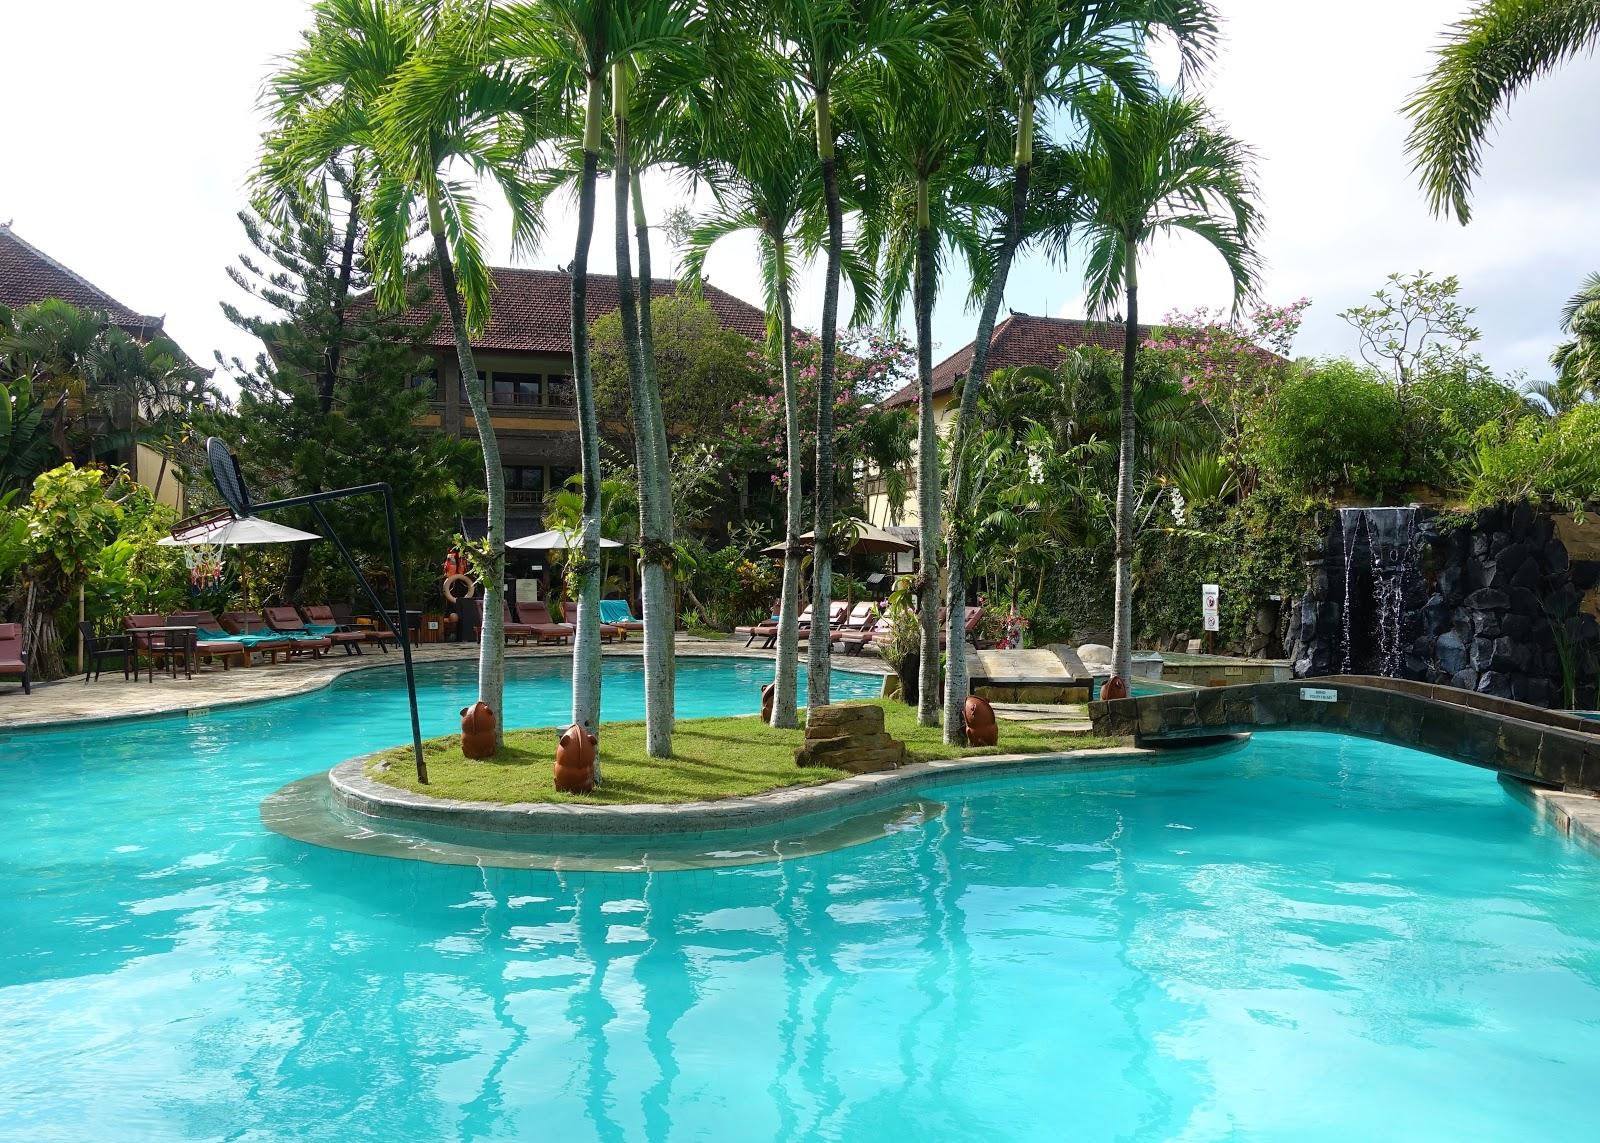 villa lumbung hotel seminyak bali swimmingpool 2